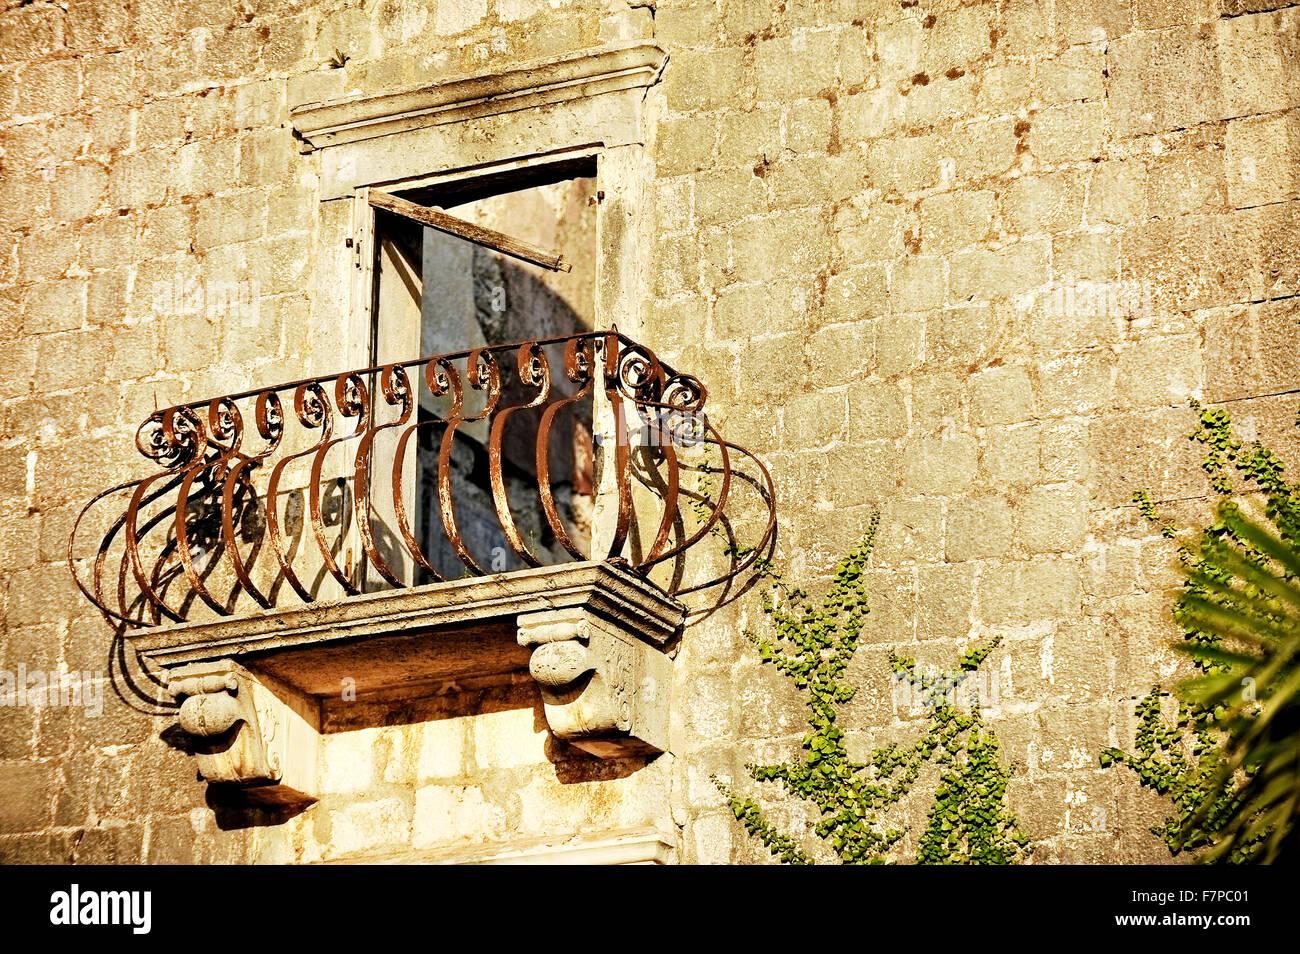 Detail Wrought Iron Balcony Stock Photos & Detail Wrought Iron ...